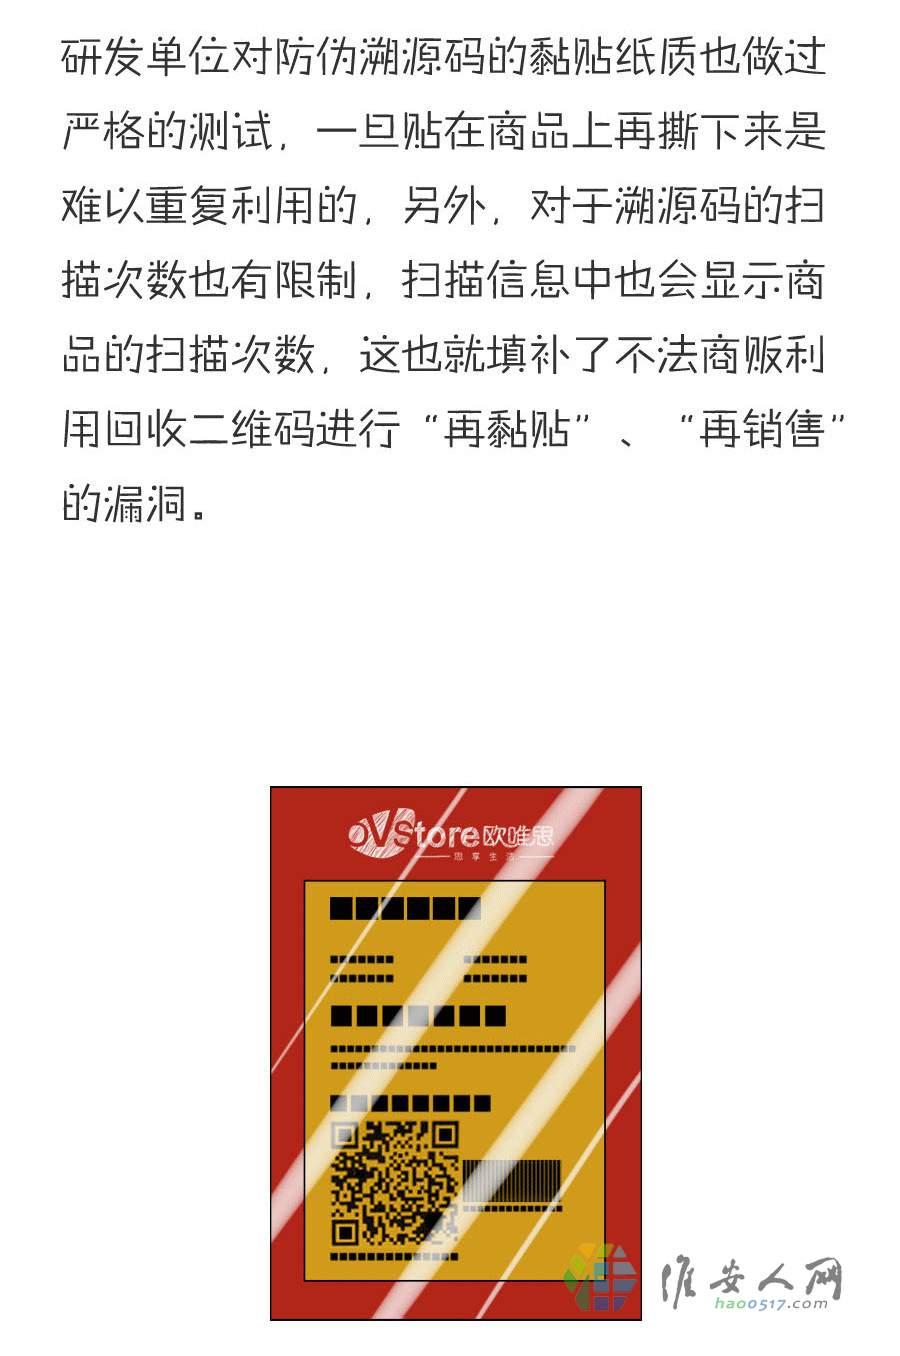 """扫一扫溯源码,可知进口商品""""身世""""_07.jpg"""